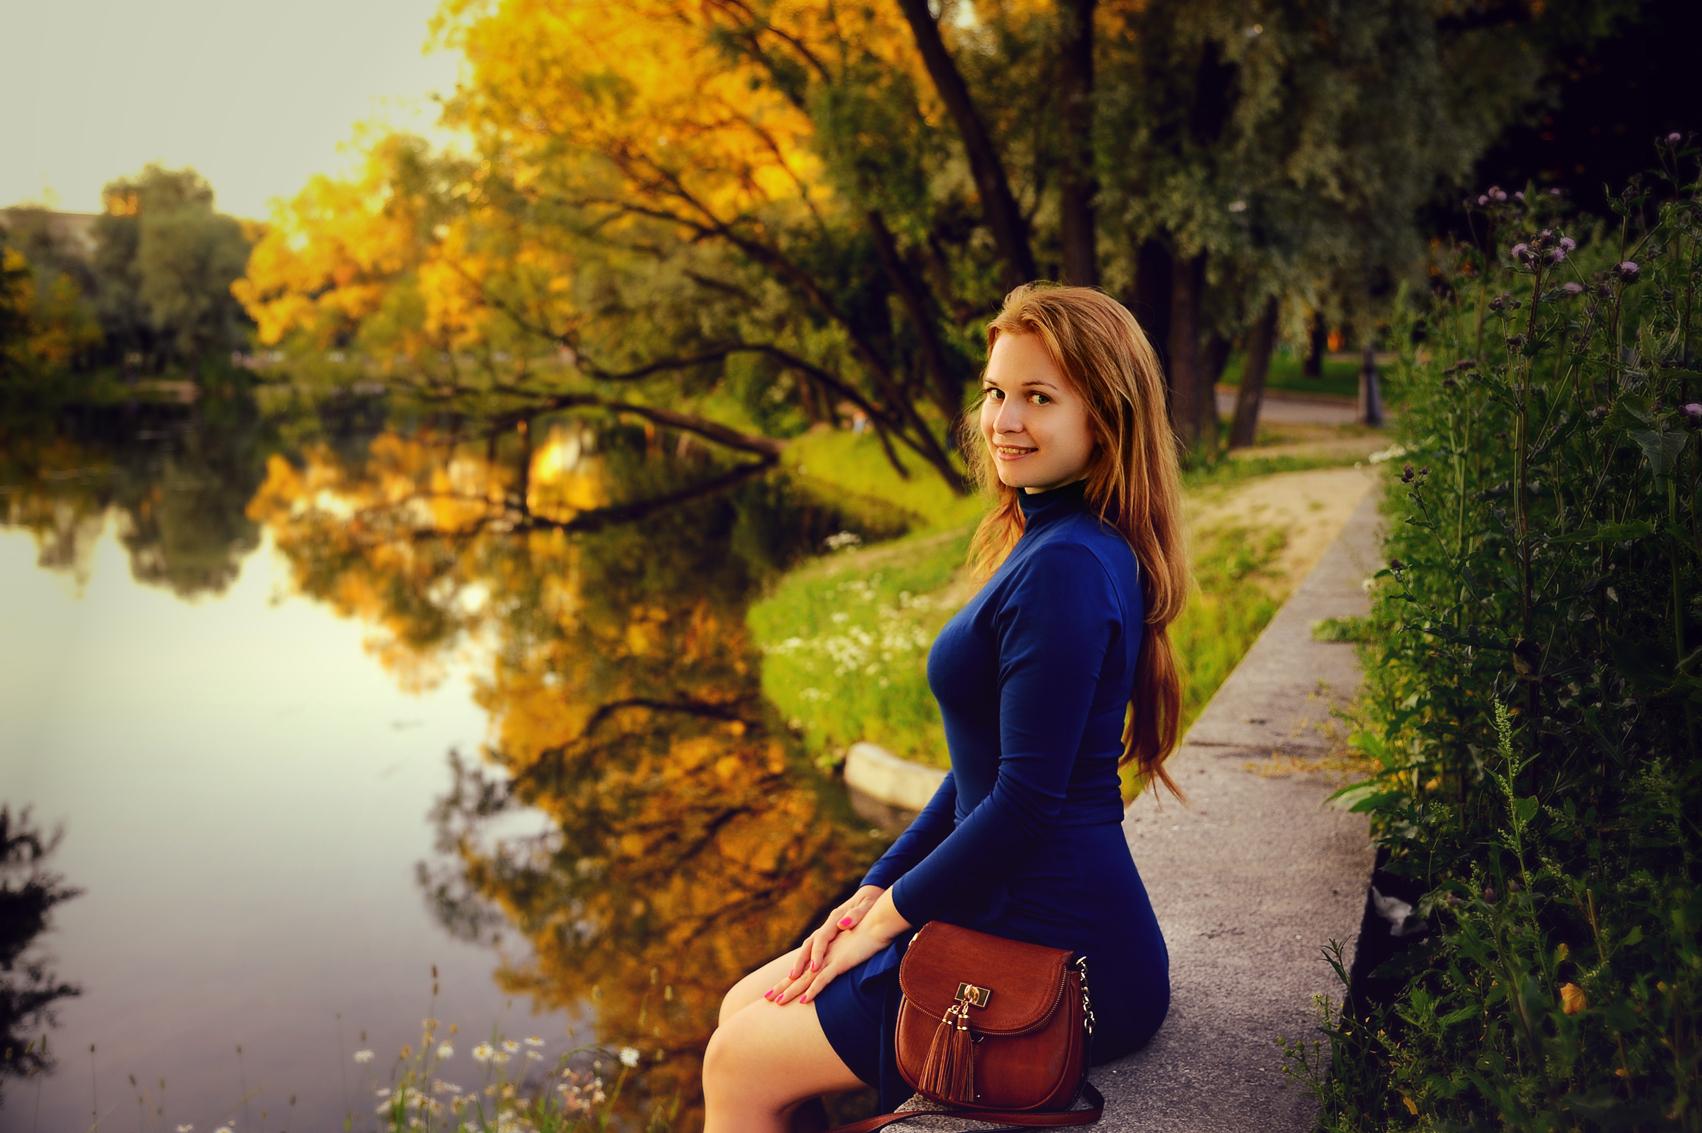 Фотографии обычных девушек 5 фотография